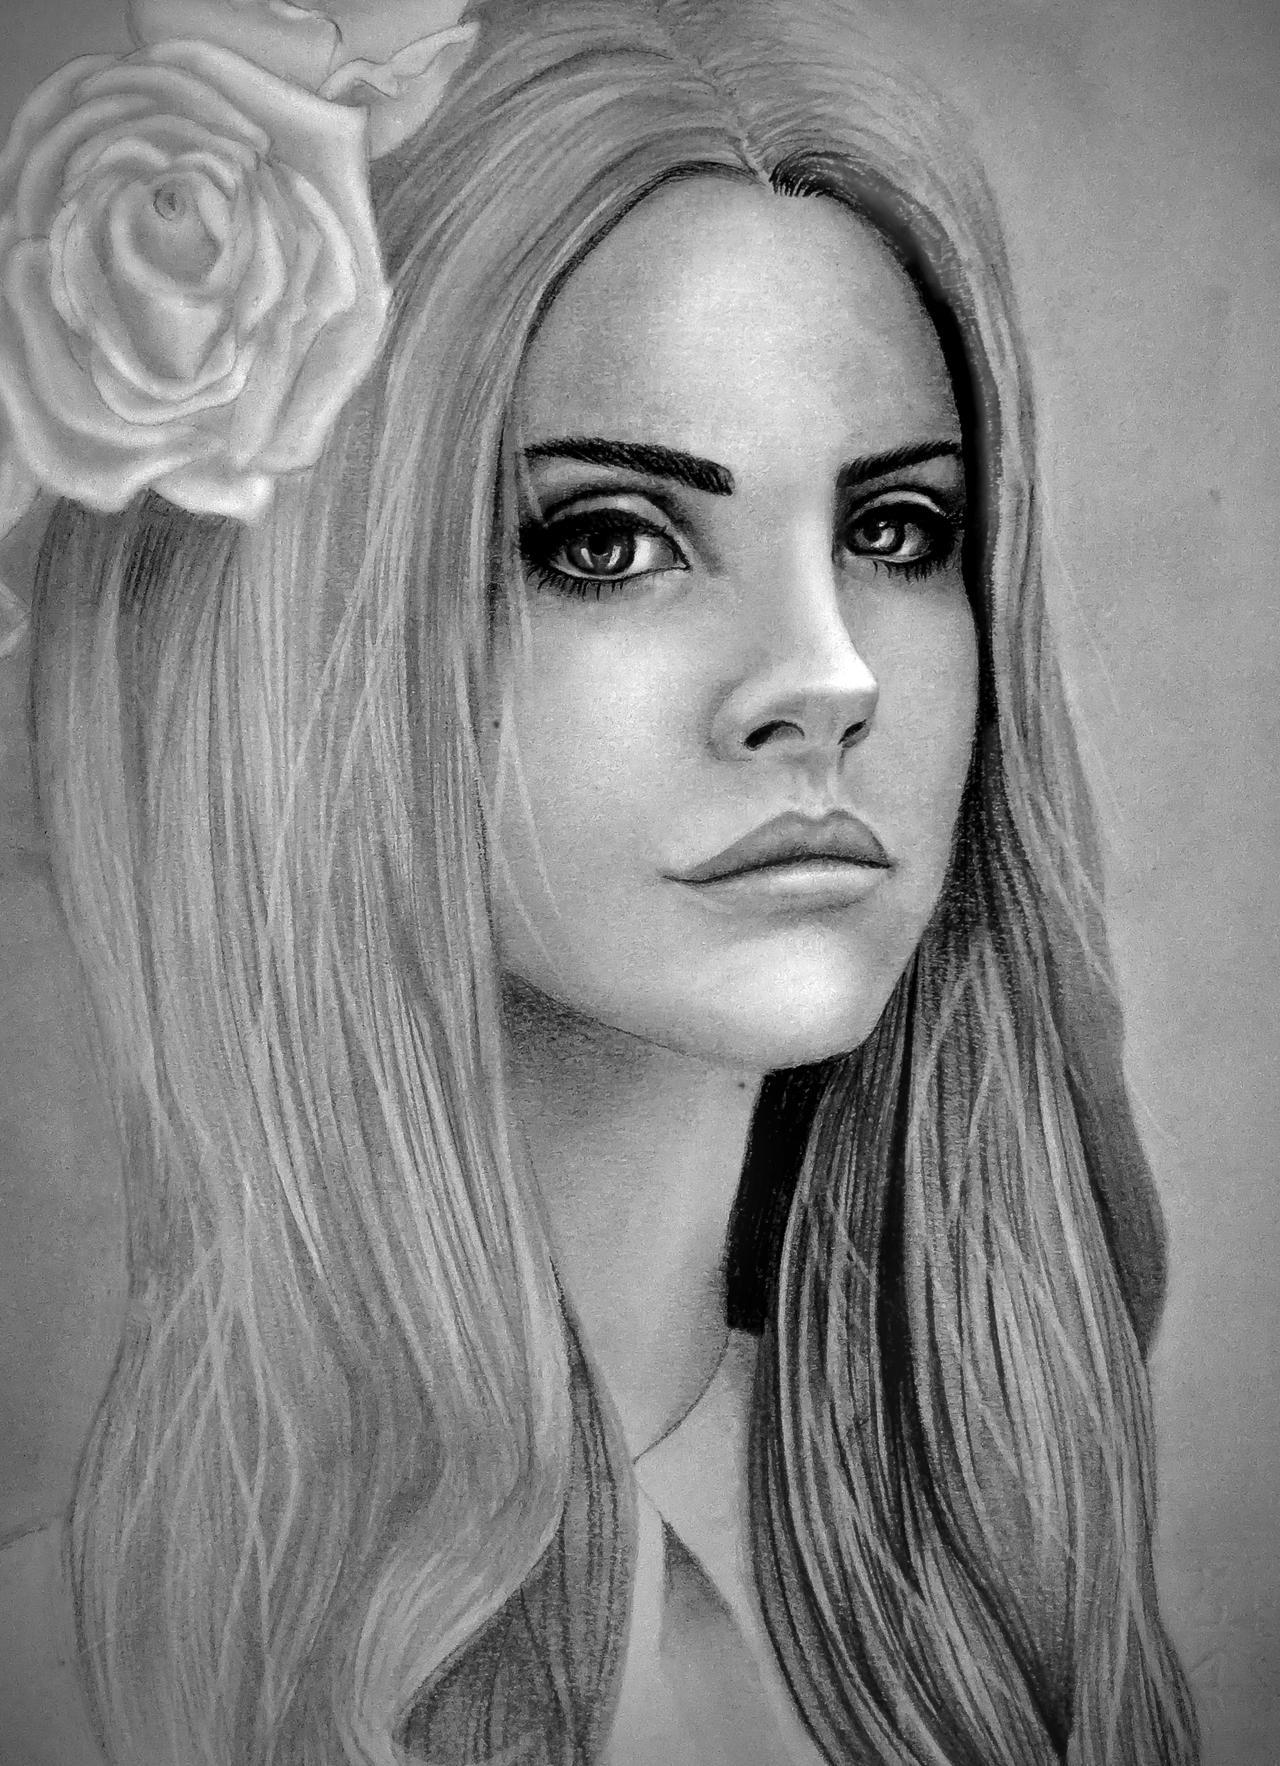 Lana Del Rey portrait by Ali-Sea on DeviantArt